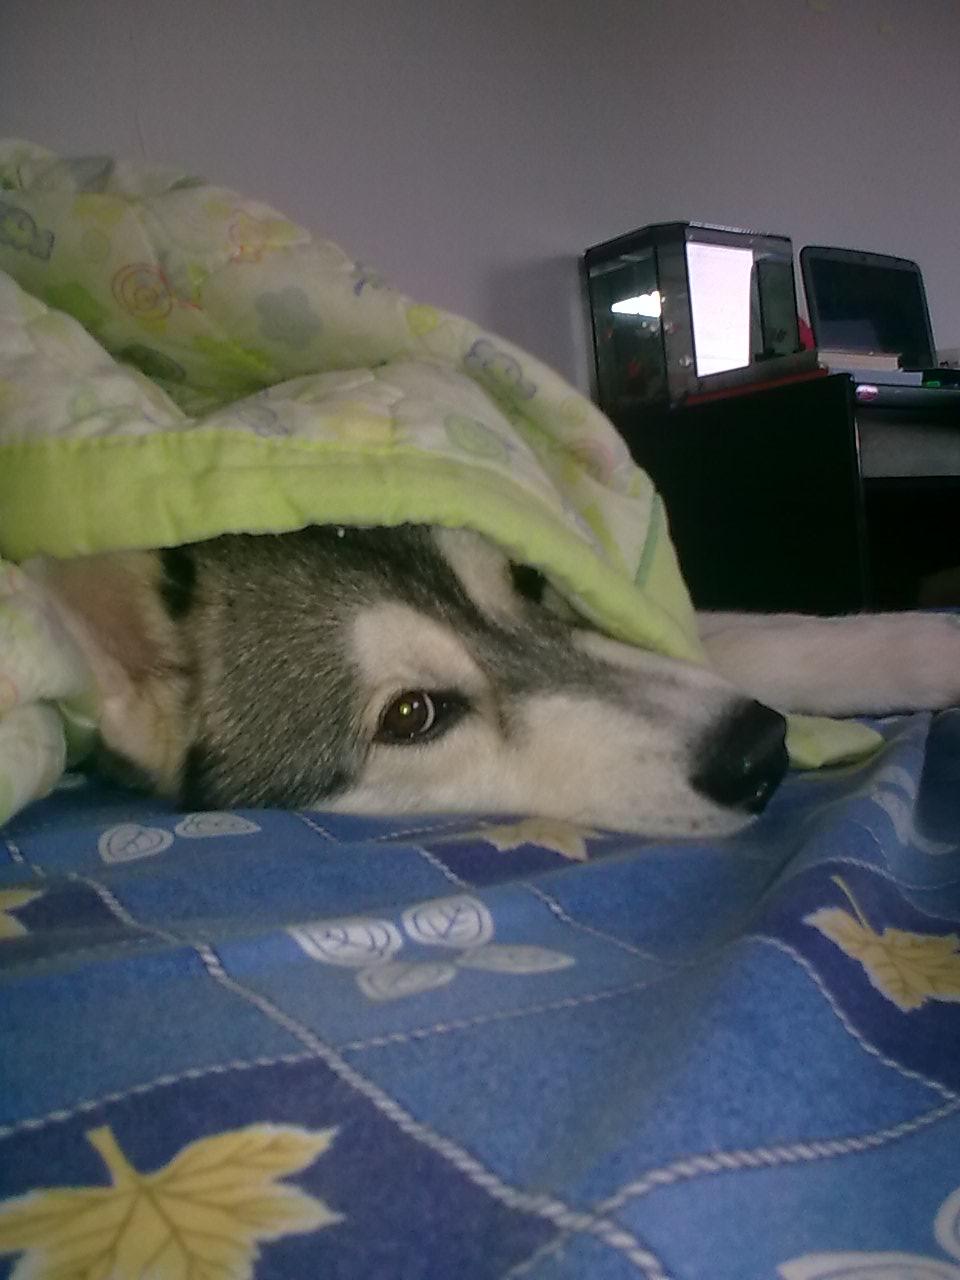 นอนห่มผ้าด้วย  ท่าทางจะหนาว